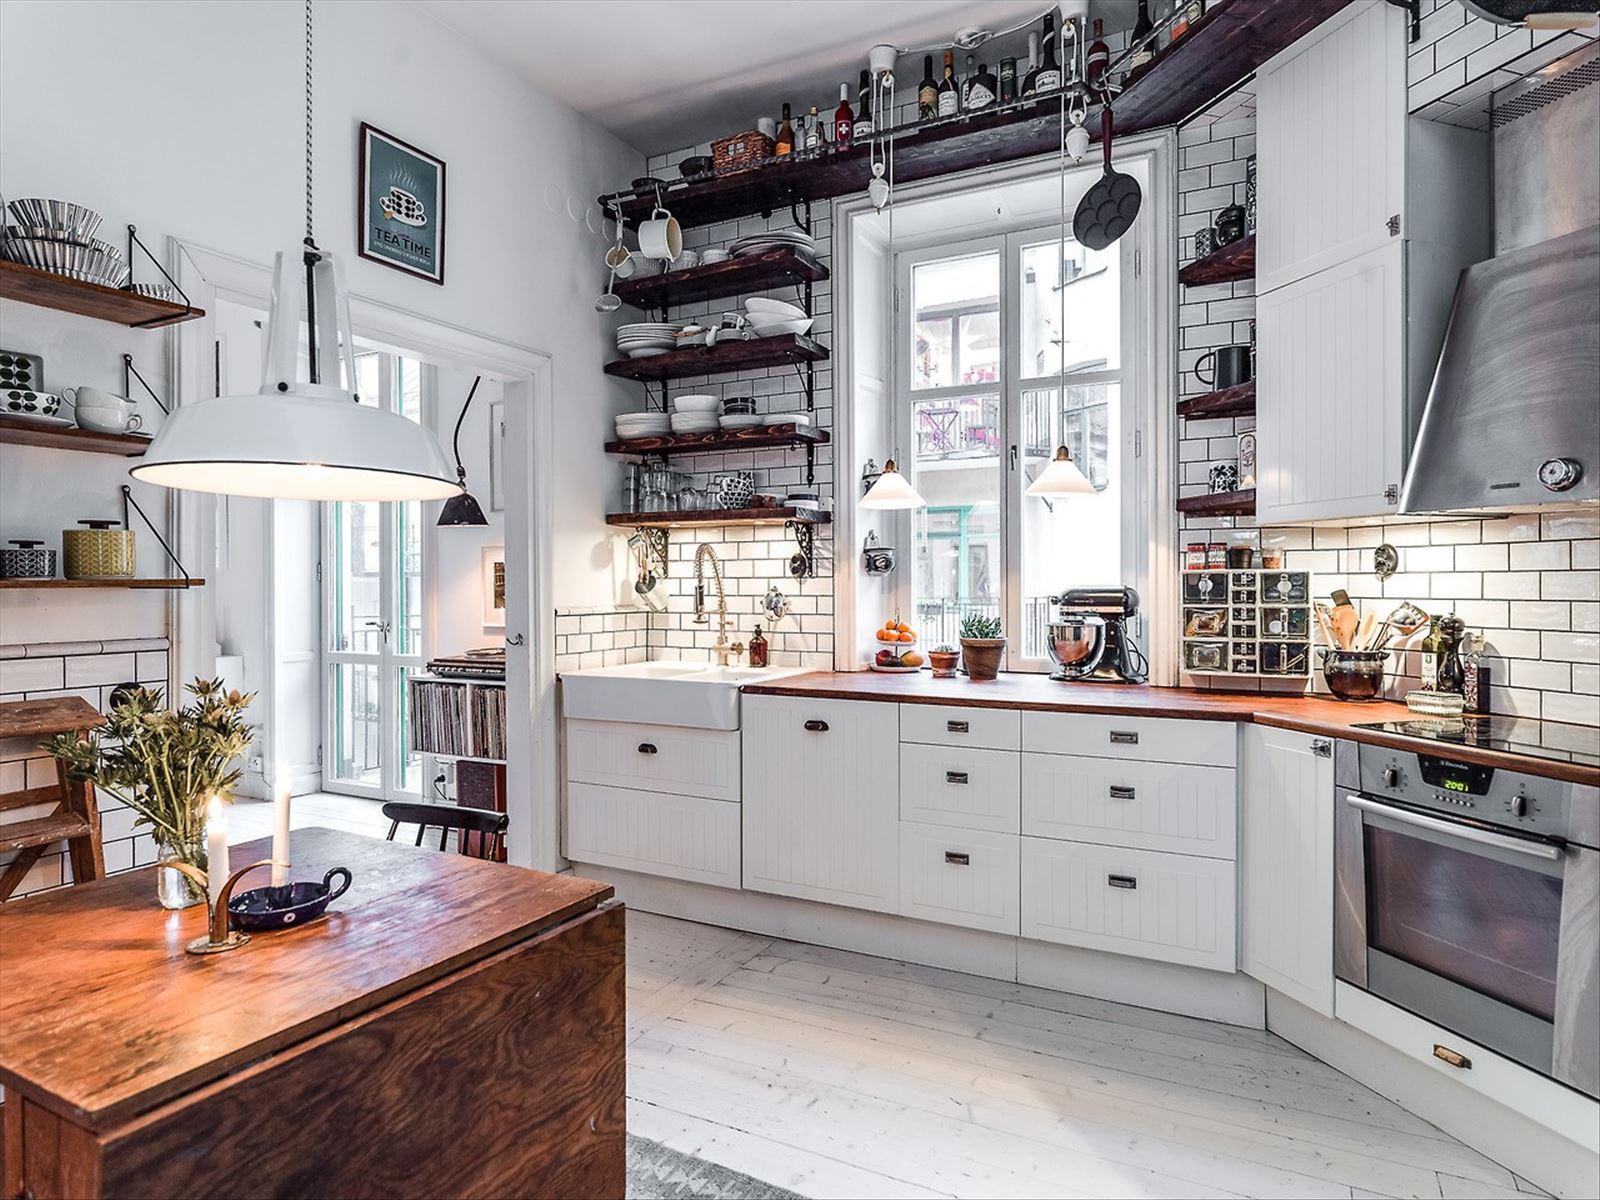 полки на кухне вместо навесных шкафов декор фото